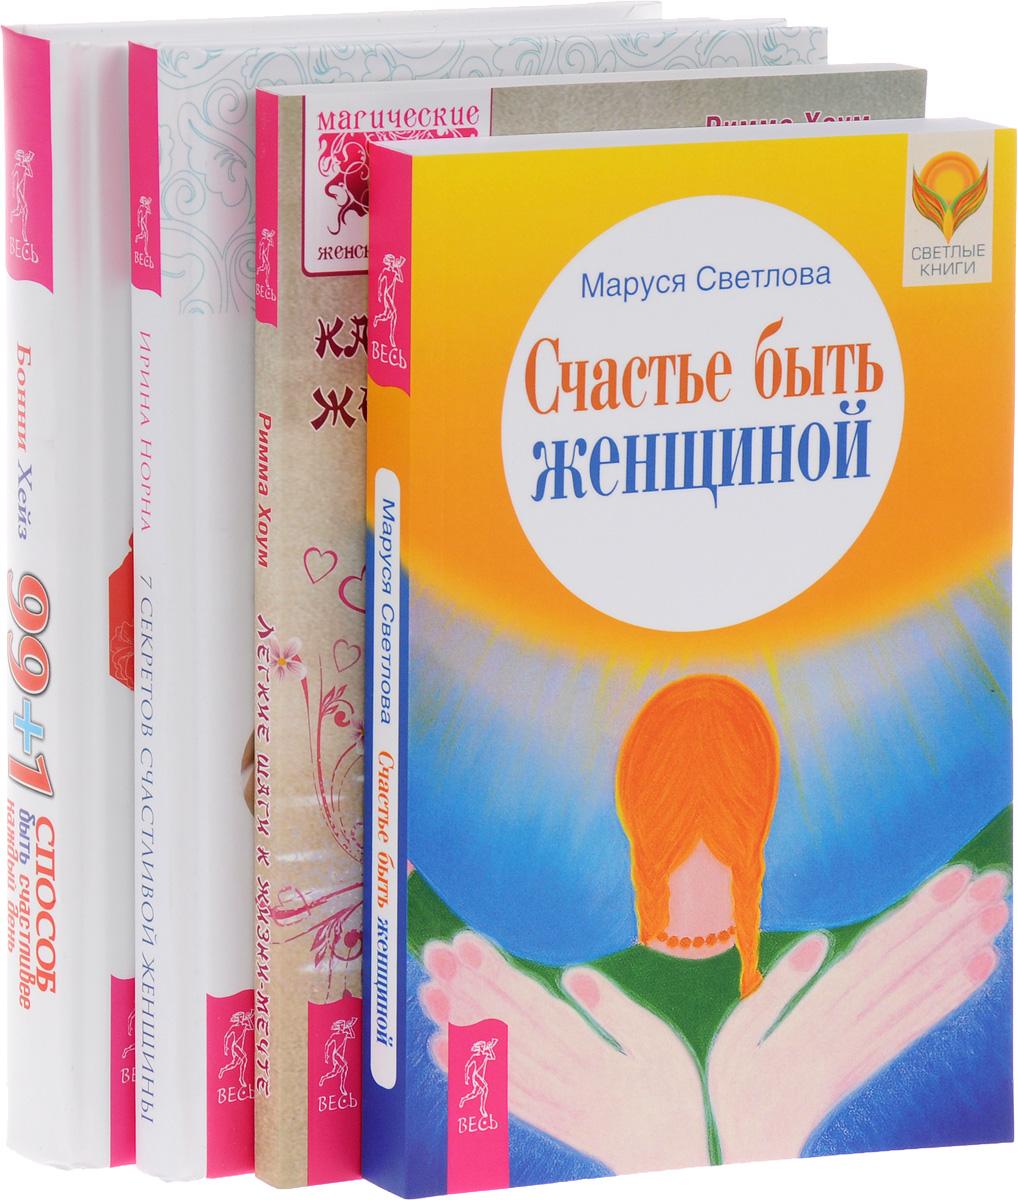 Маруся Светлова, Римма Хоум, Бонни Хейз, Ирина Норна Счастье быть женщиной. Легкие шаги к жизни-мечте. Как быть счастливой женщиной. 99 + 1 способ быть счастливее каждый день. 7 секретов счастливой женщины (комплект из 4 книг)